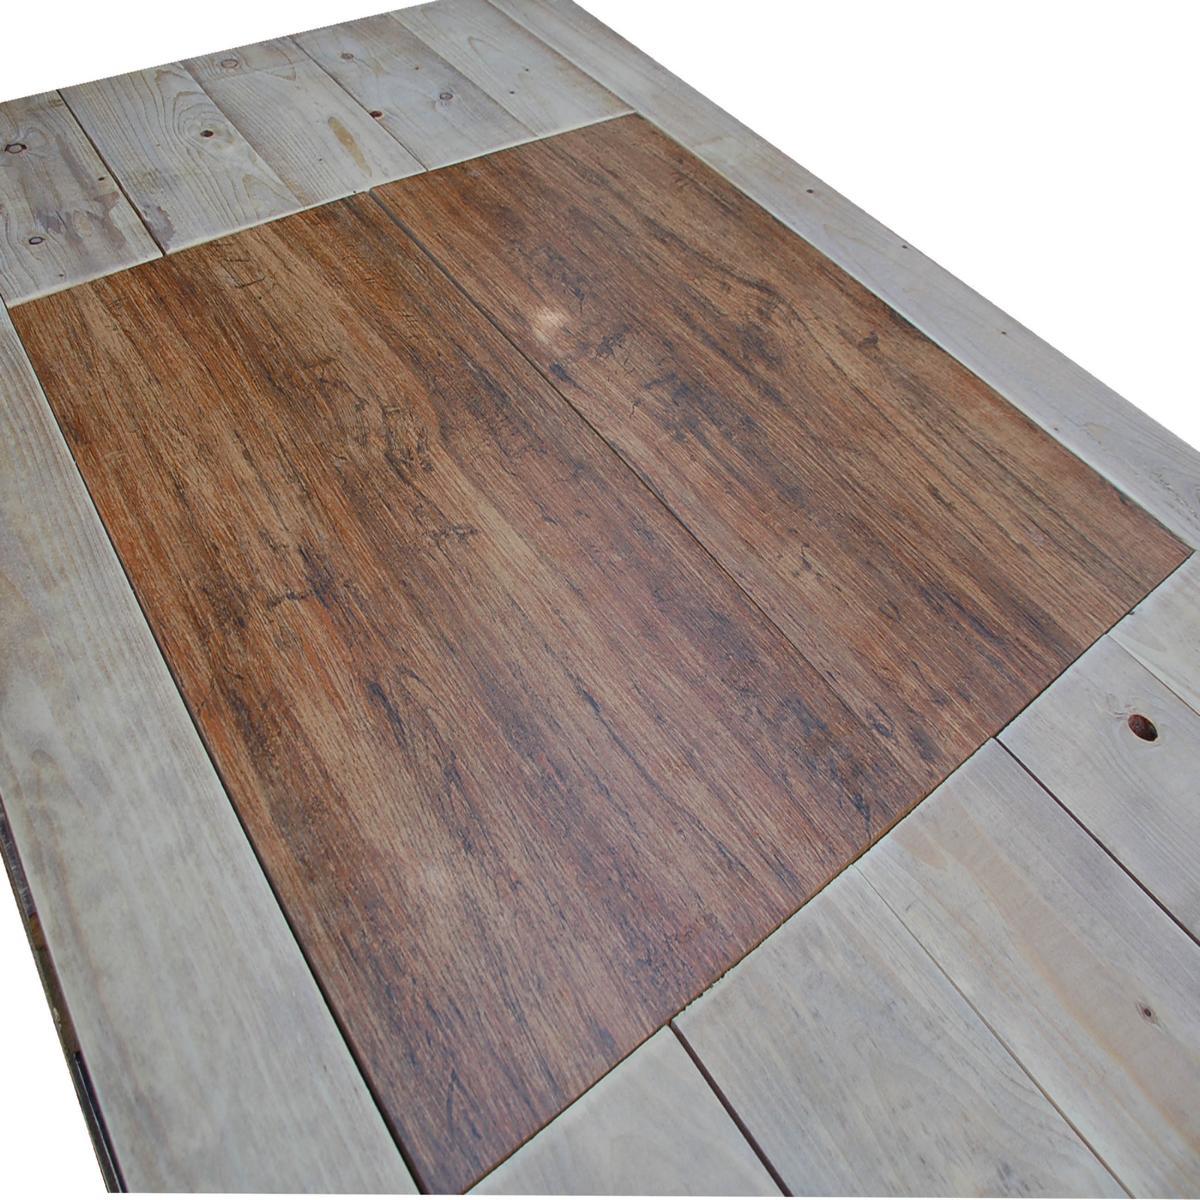 Grilltisch aus Paletten-Grill Tisch aus Europaletten Palettenmöbel